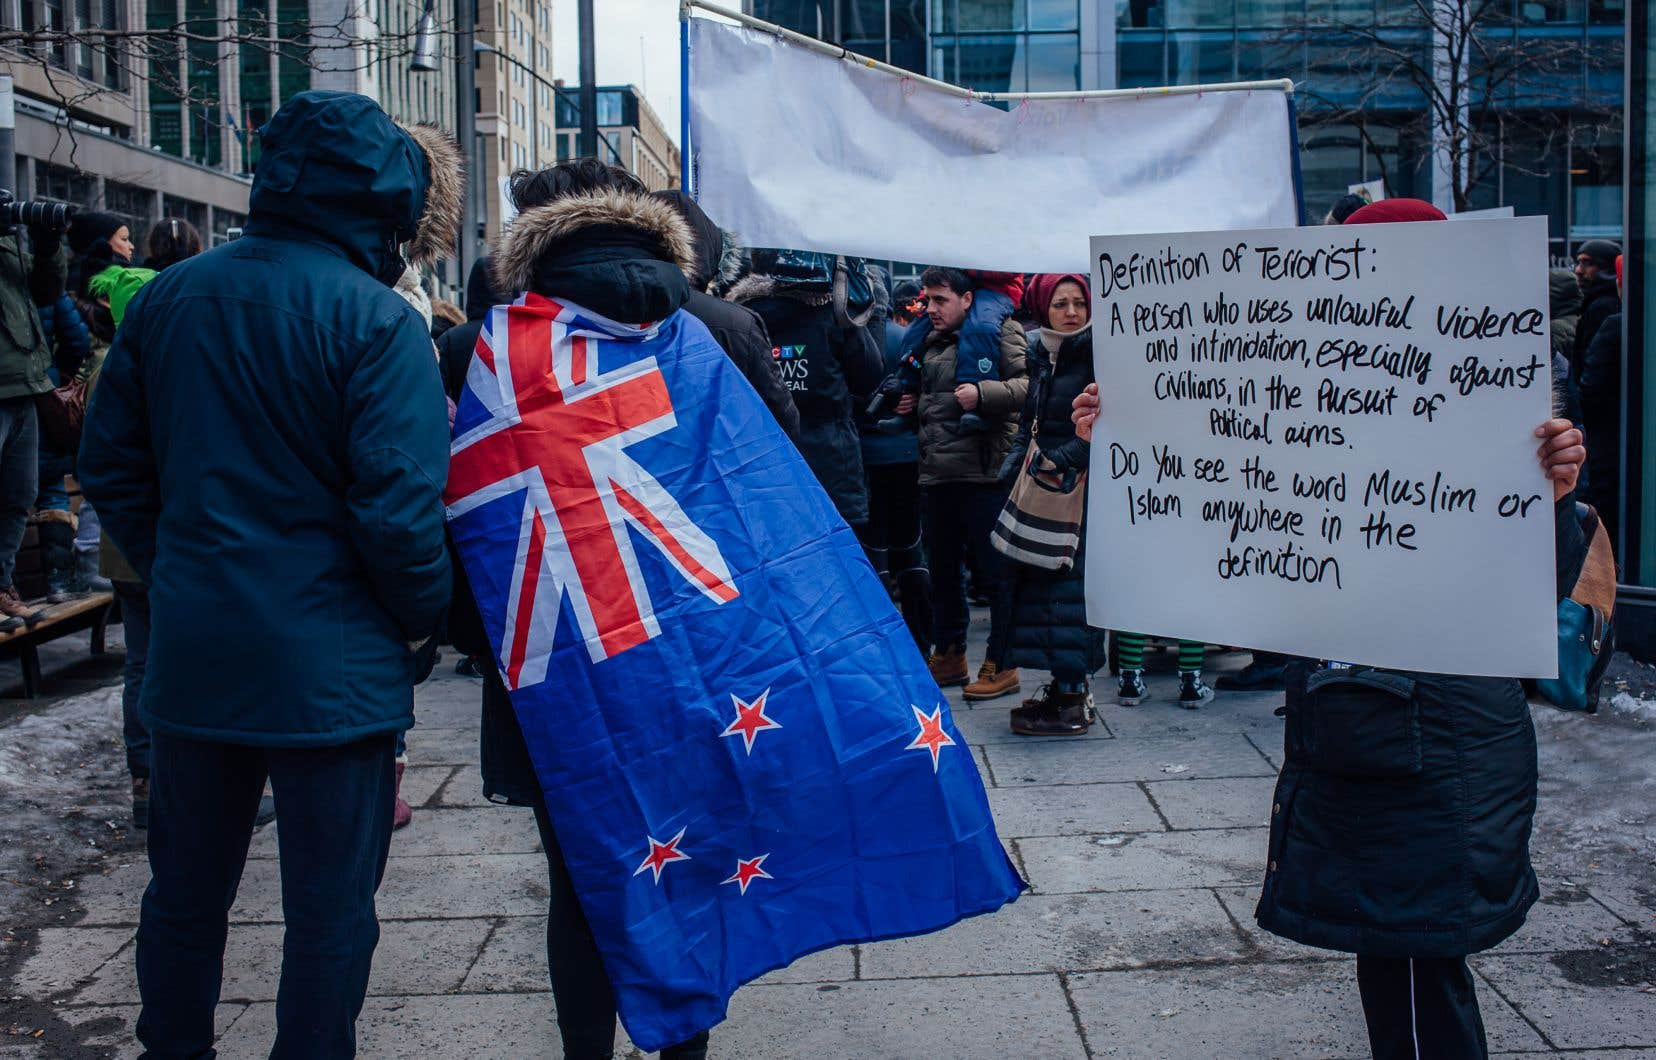 Un rassemblement en hommage aux victimes de l'attentat de Christchurch a lieu dimanche, à Montréal.